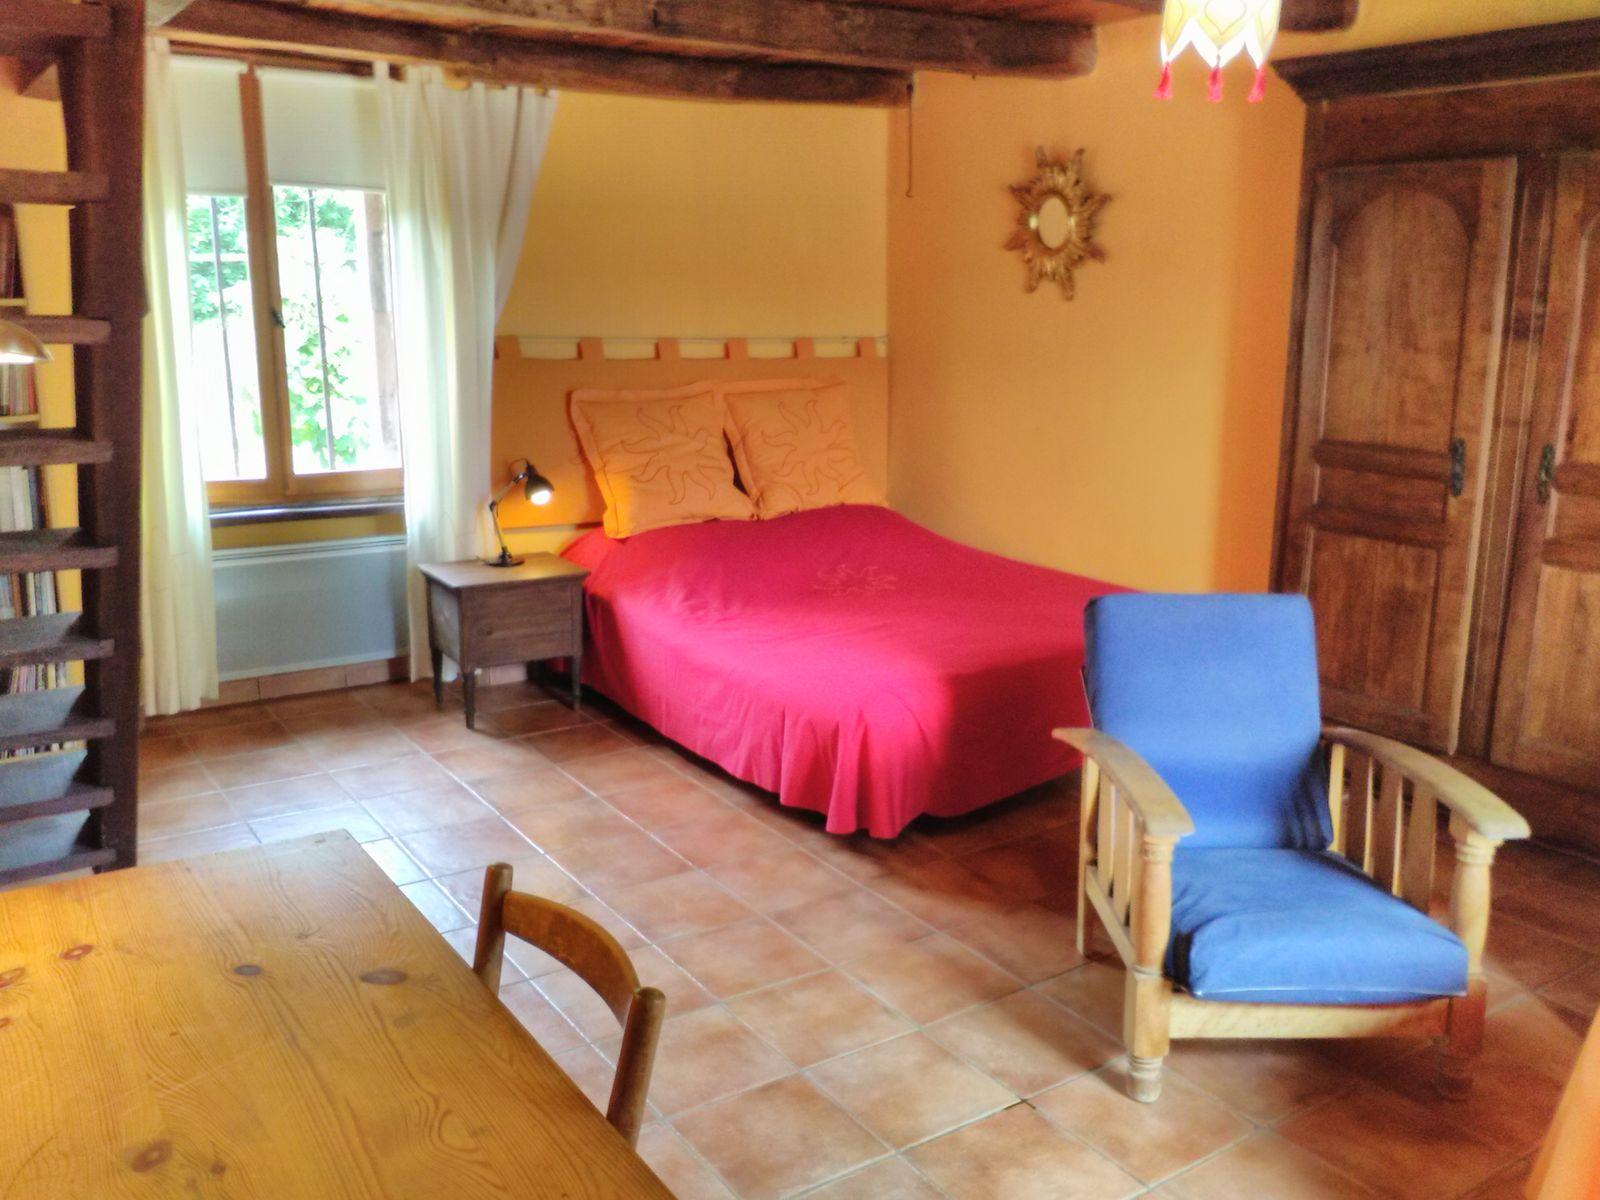 le salon et le lit de 160 x 200 cm